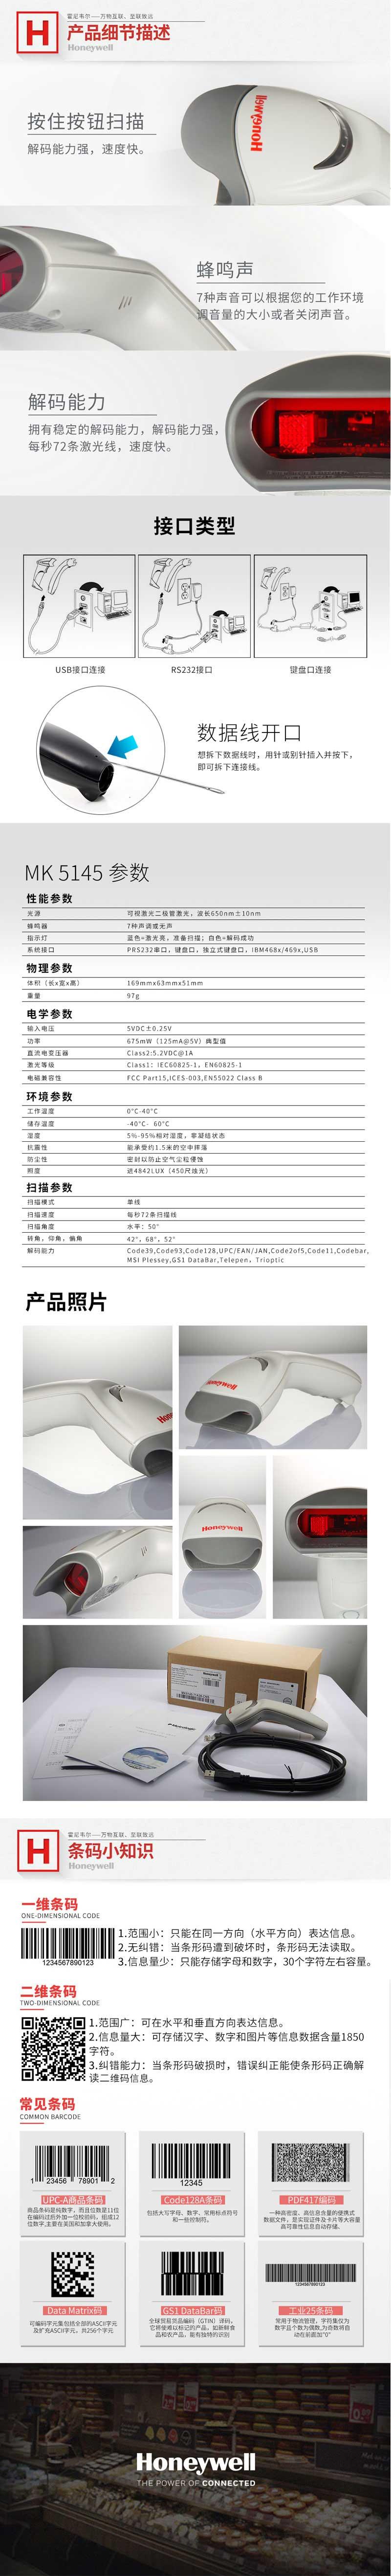 霍尼韦尔(Honeywell)MK5145 USB口 一维激光有线扫描器扫码枪 超市收银物流药店扫描枪 白